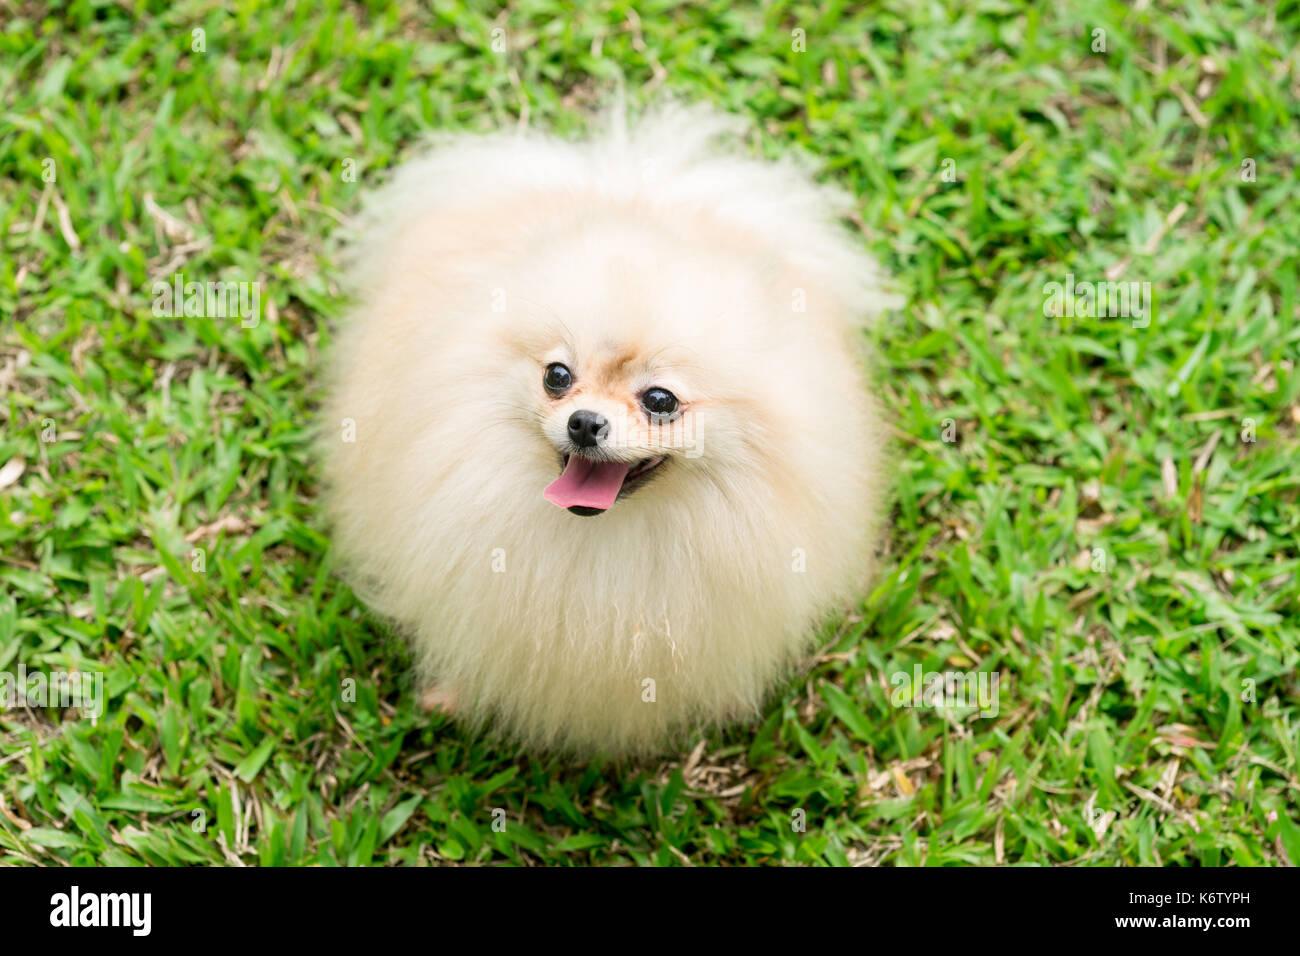 Teacup Pomeranian Stock Photos Teacup Pomeranian Stock Images Alamy